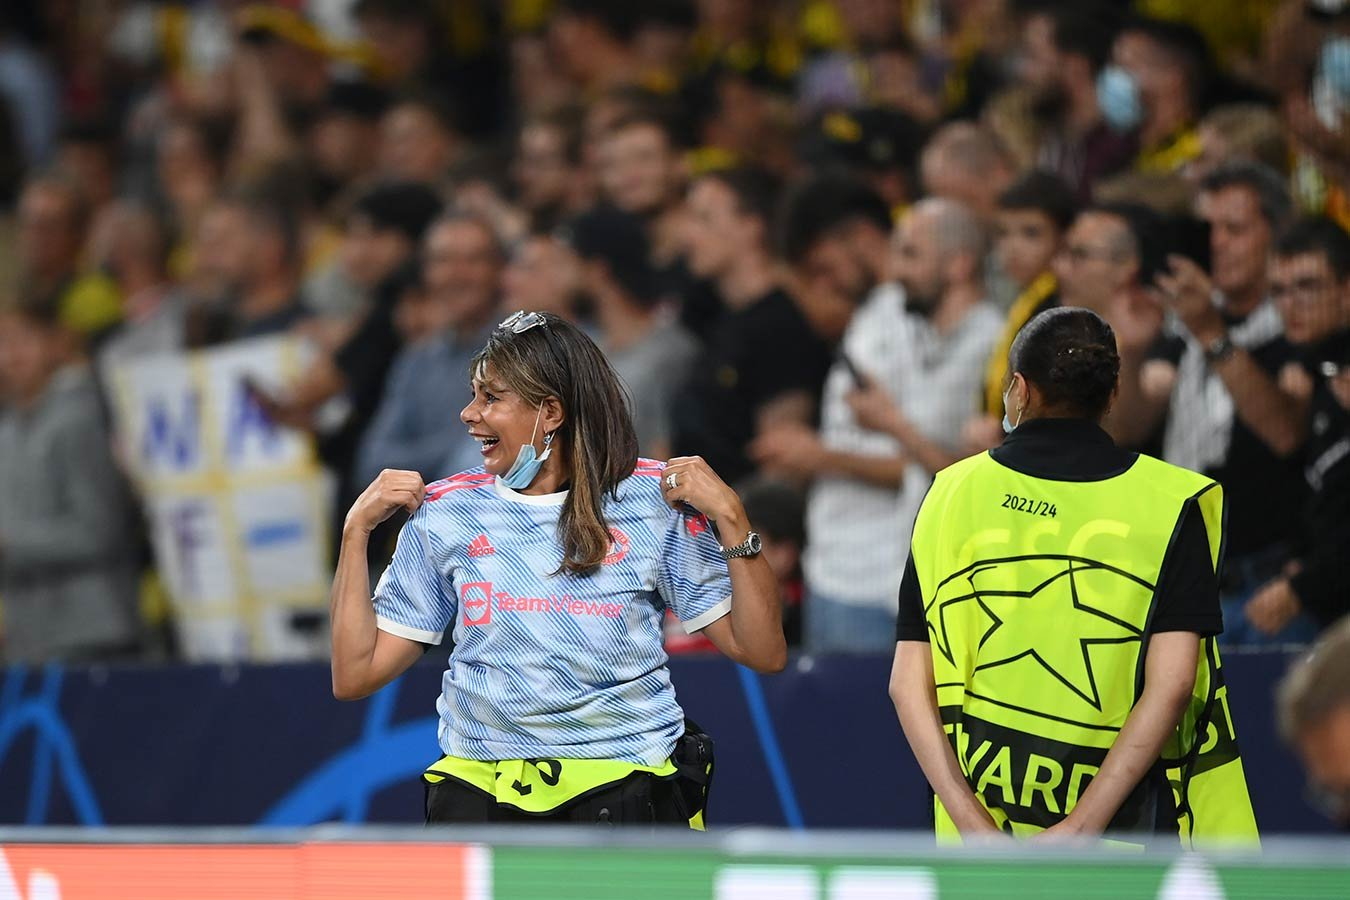 Роналду подарил футболку женщине-стюарду, в которую попал мячом во время разминки